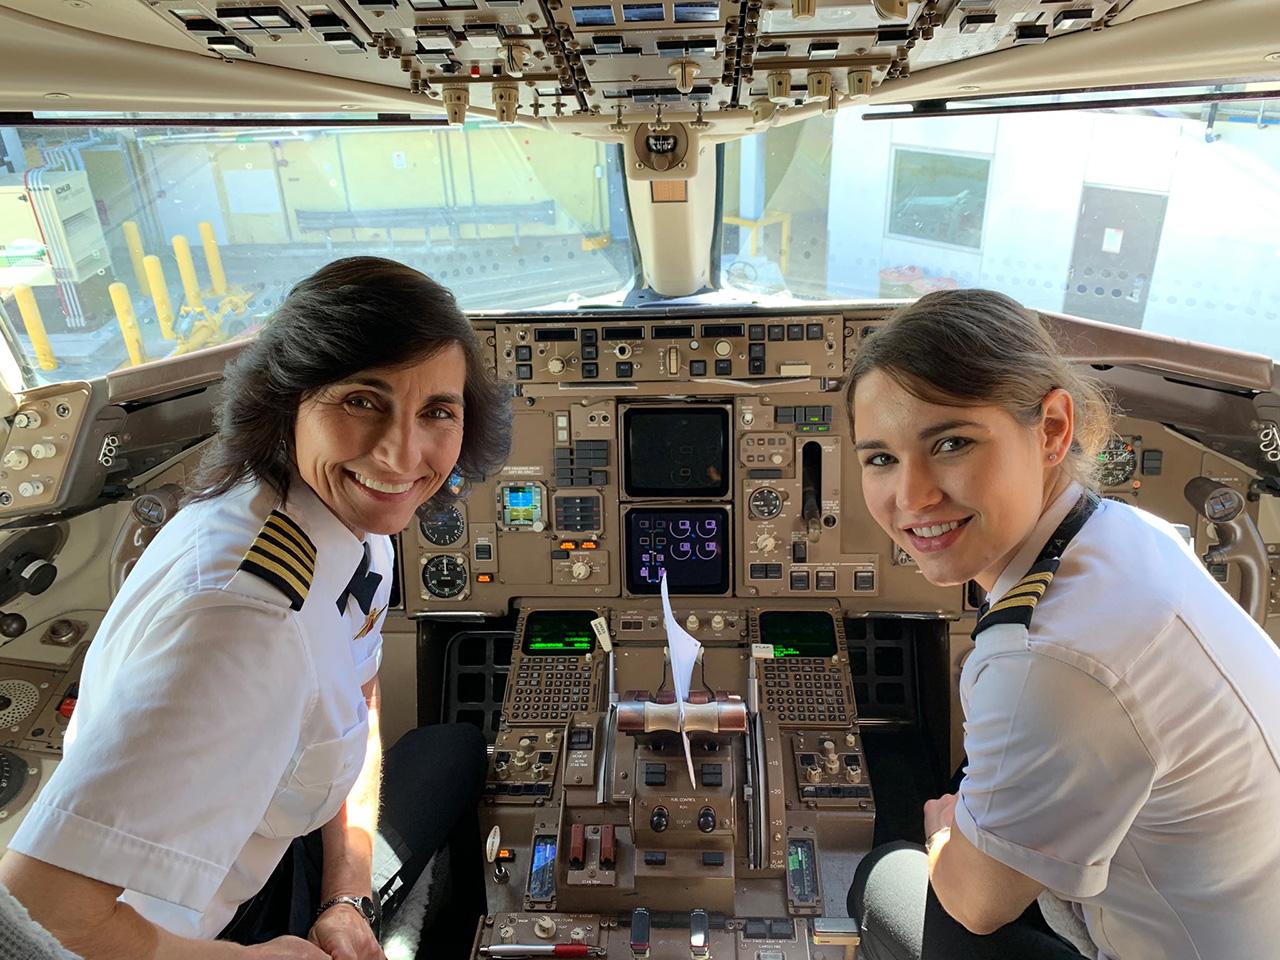 Madre e figlia pilotano un aereo di linea: <br />e io ricordo l'altra metà del cielo, <br />la storia di quando le donne presero il volo